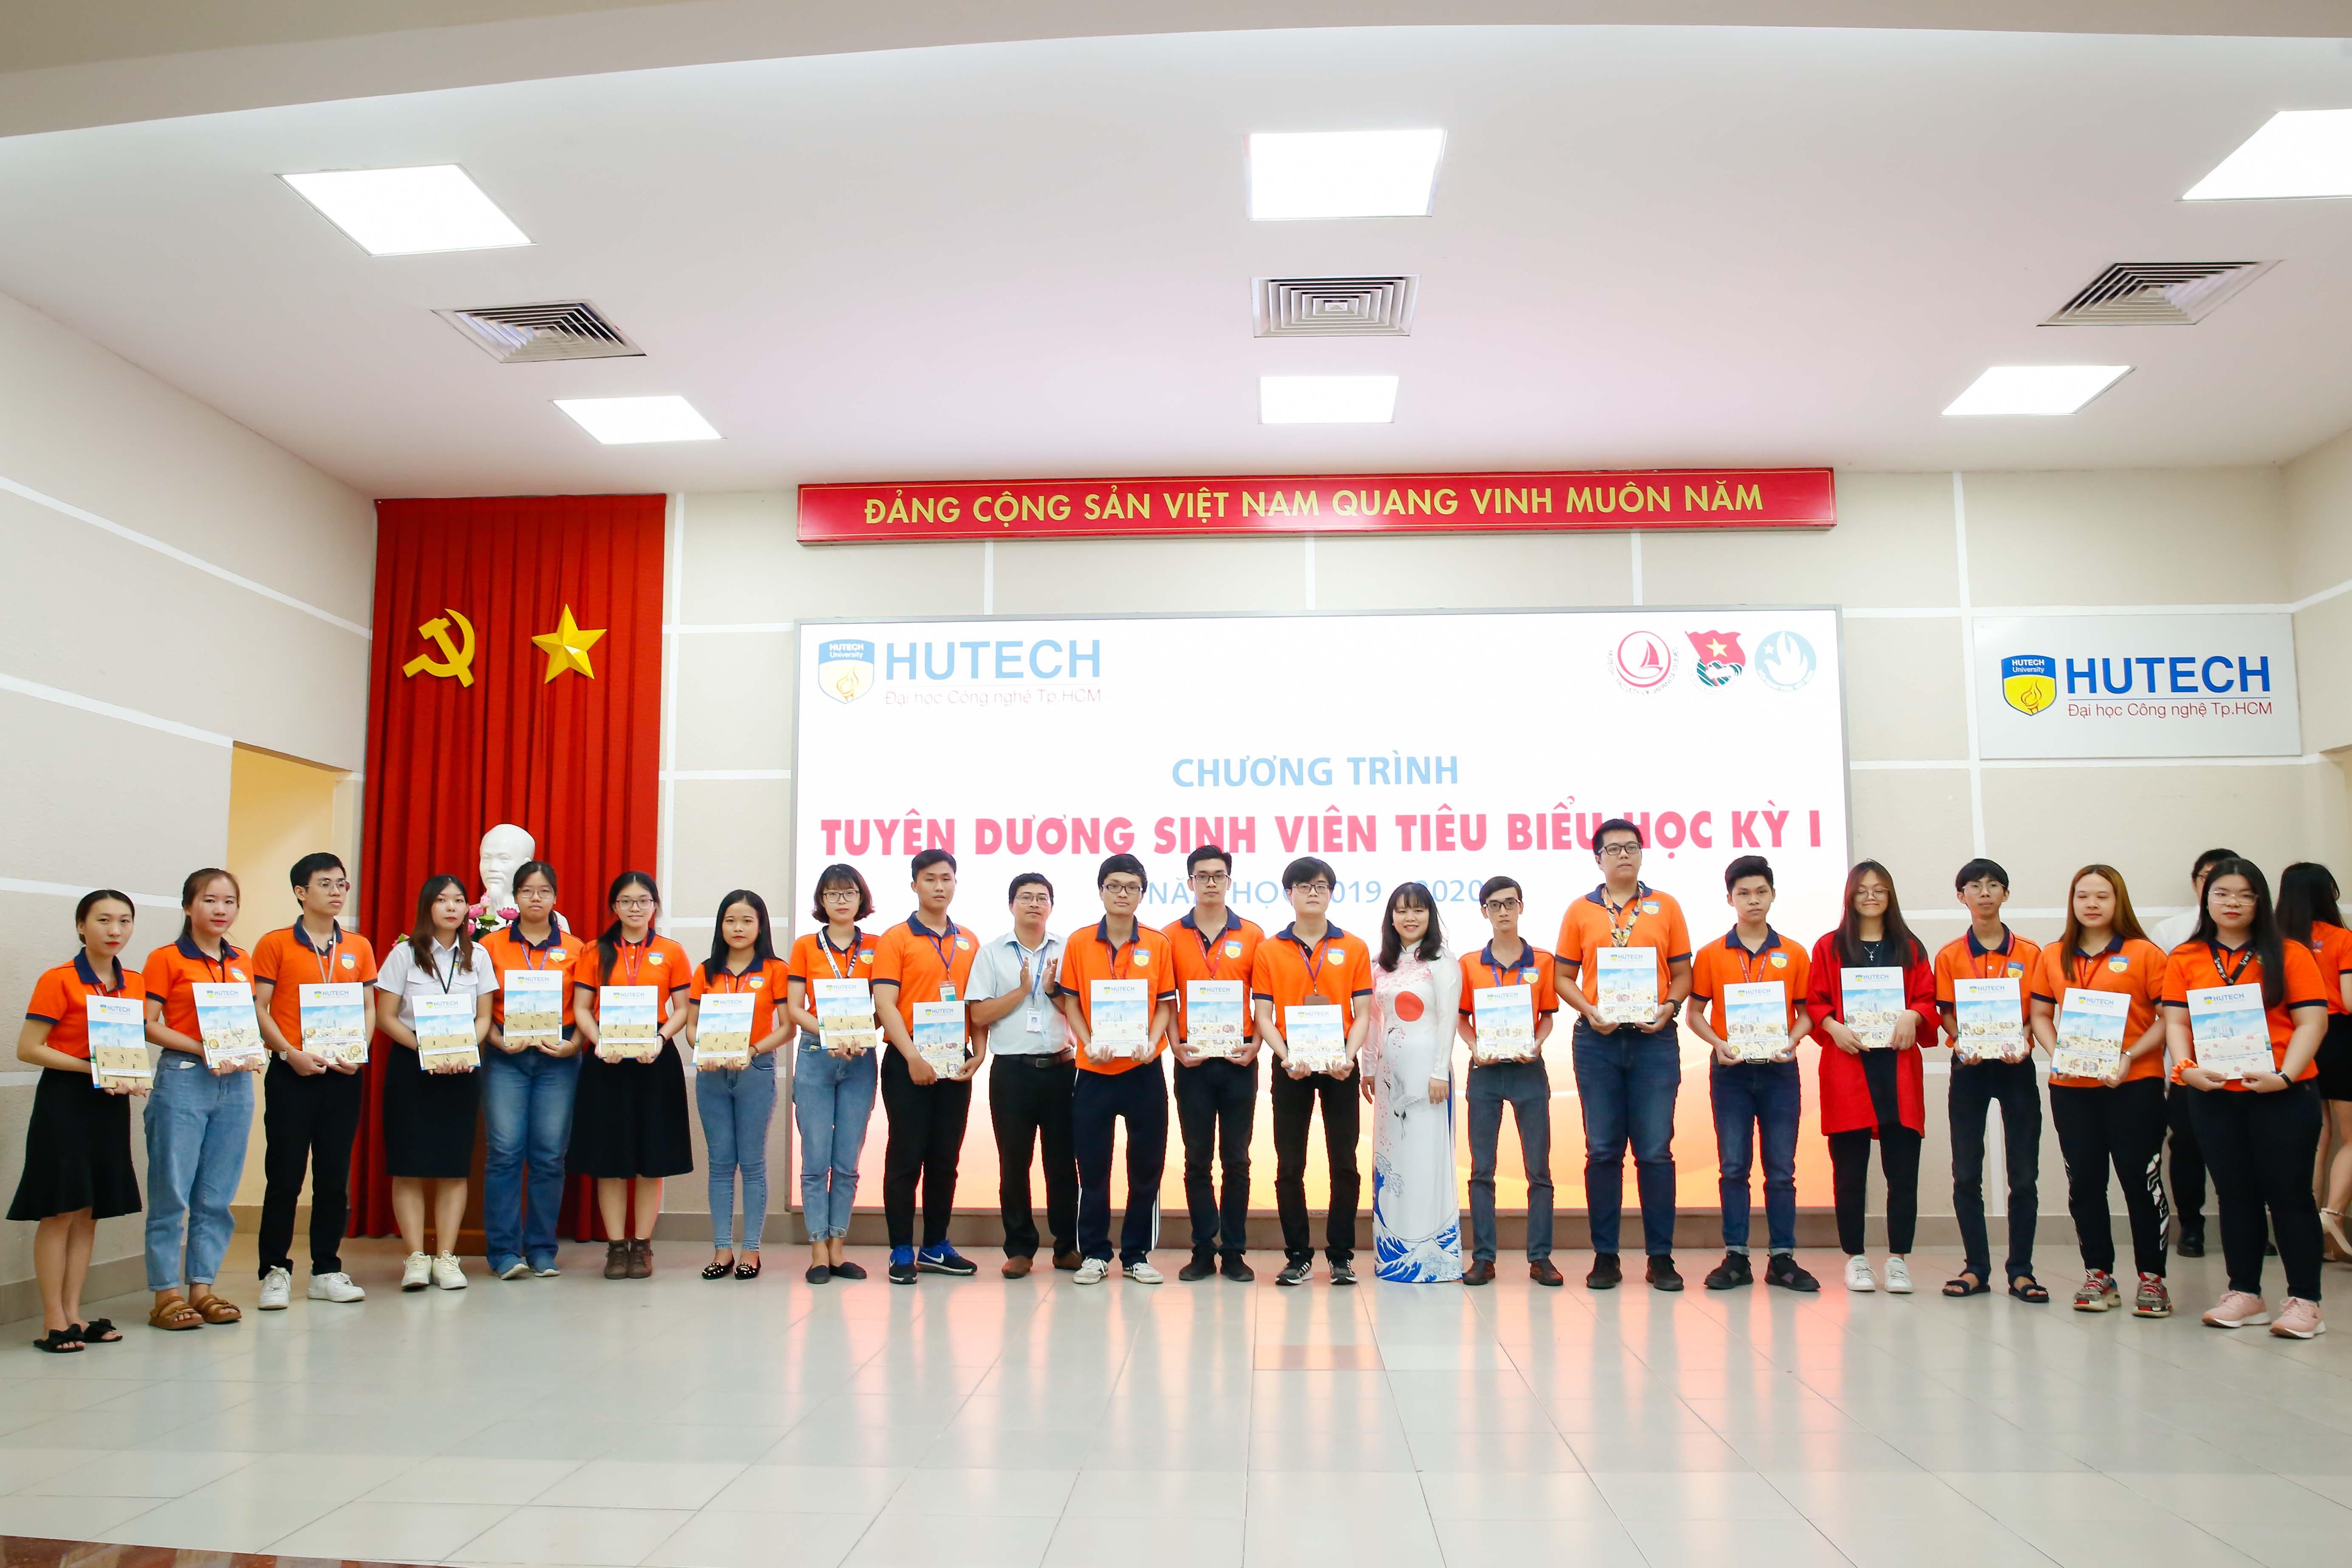 HUTECH - Khoa Nhật Bản học tuyên dương, khen thưởng sinh viên tiêu biểu HKI, năm học 2019 - 2020